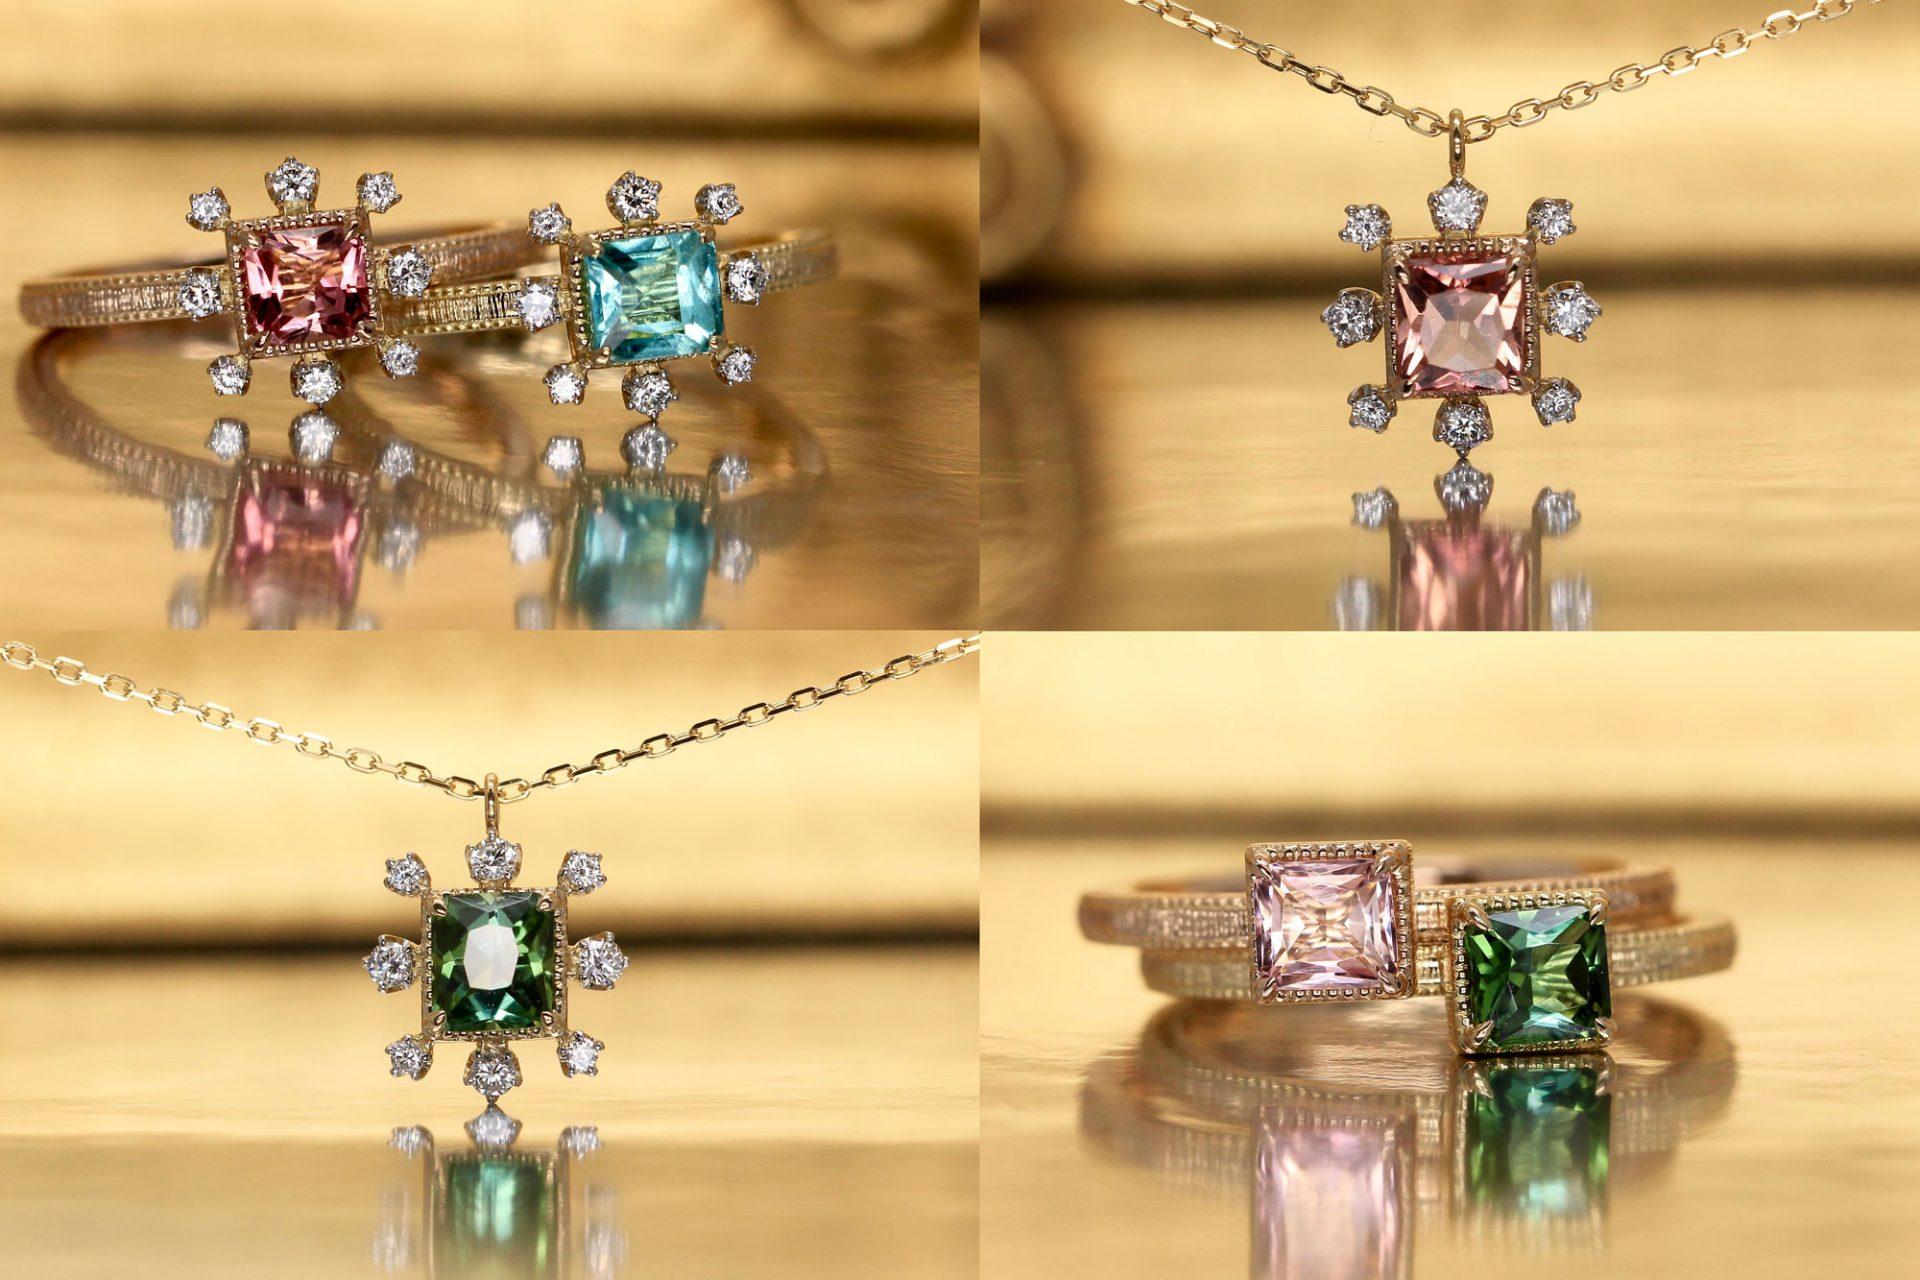 【雪の花】パライバトルマリン、ピンクトルマリンなどを用いたアンティークデザインのジュエリーコレクション